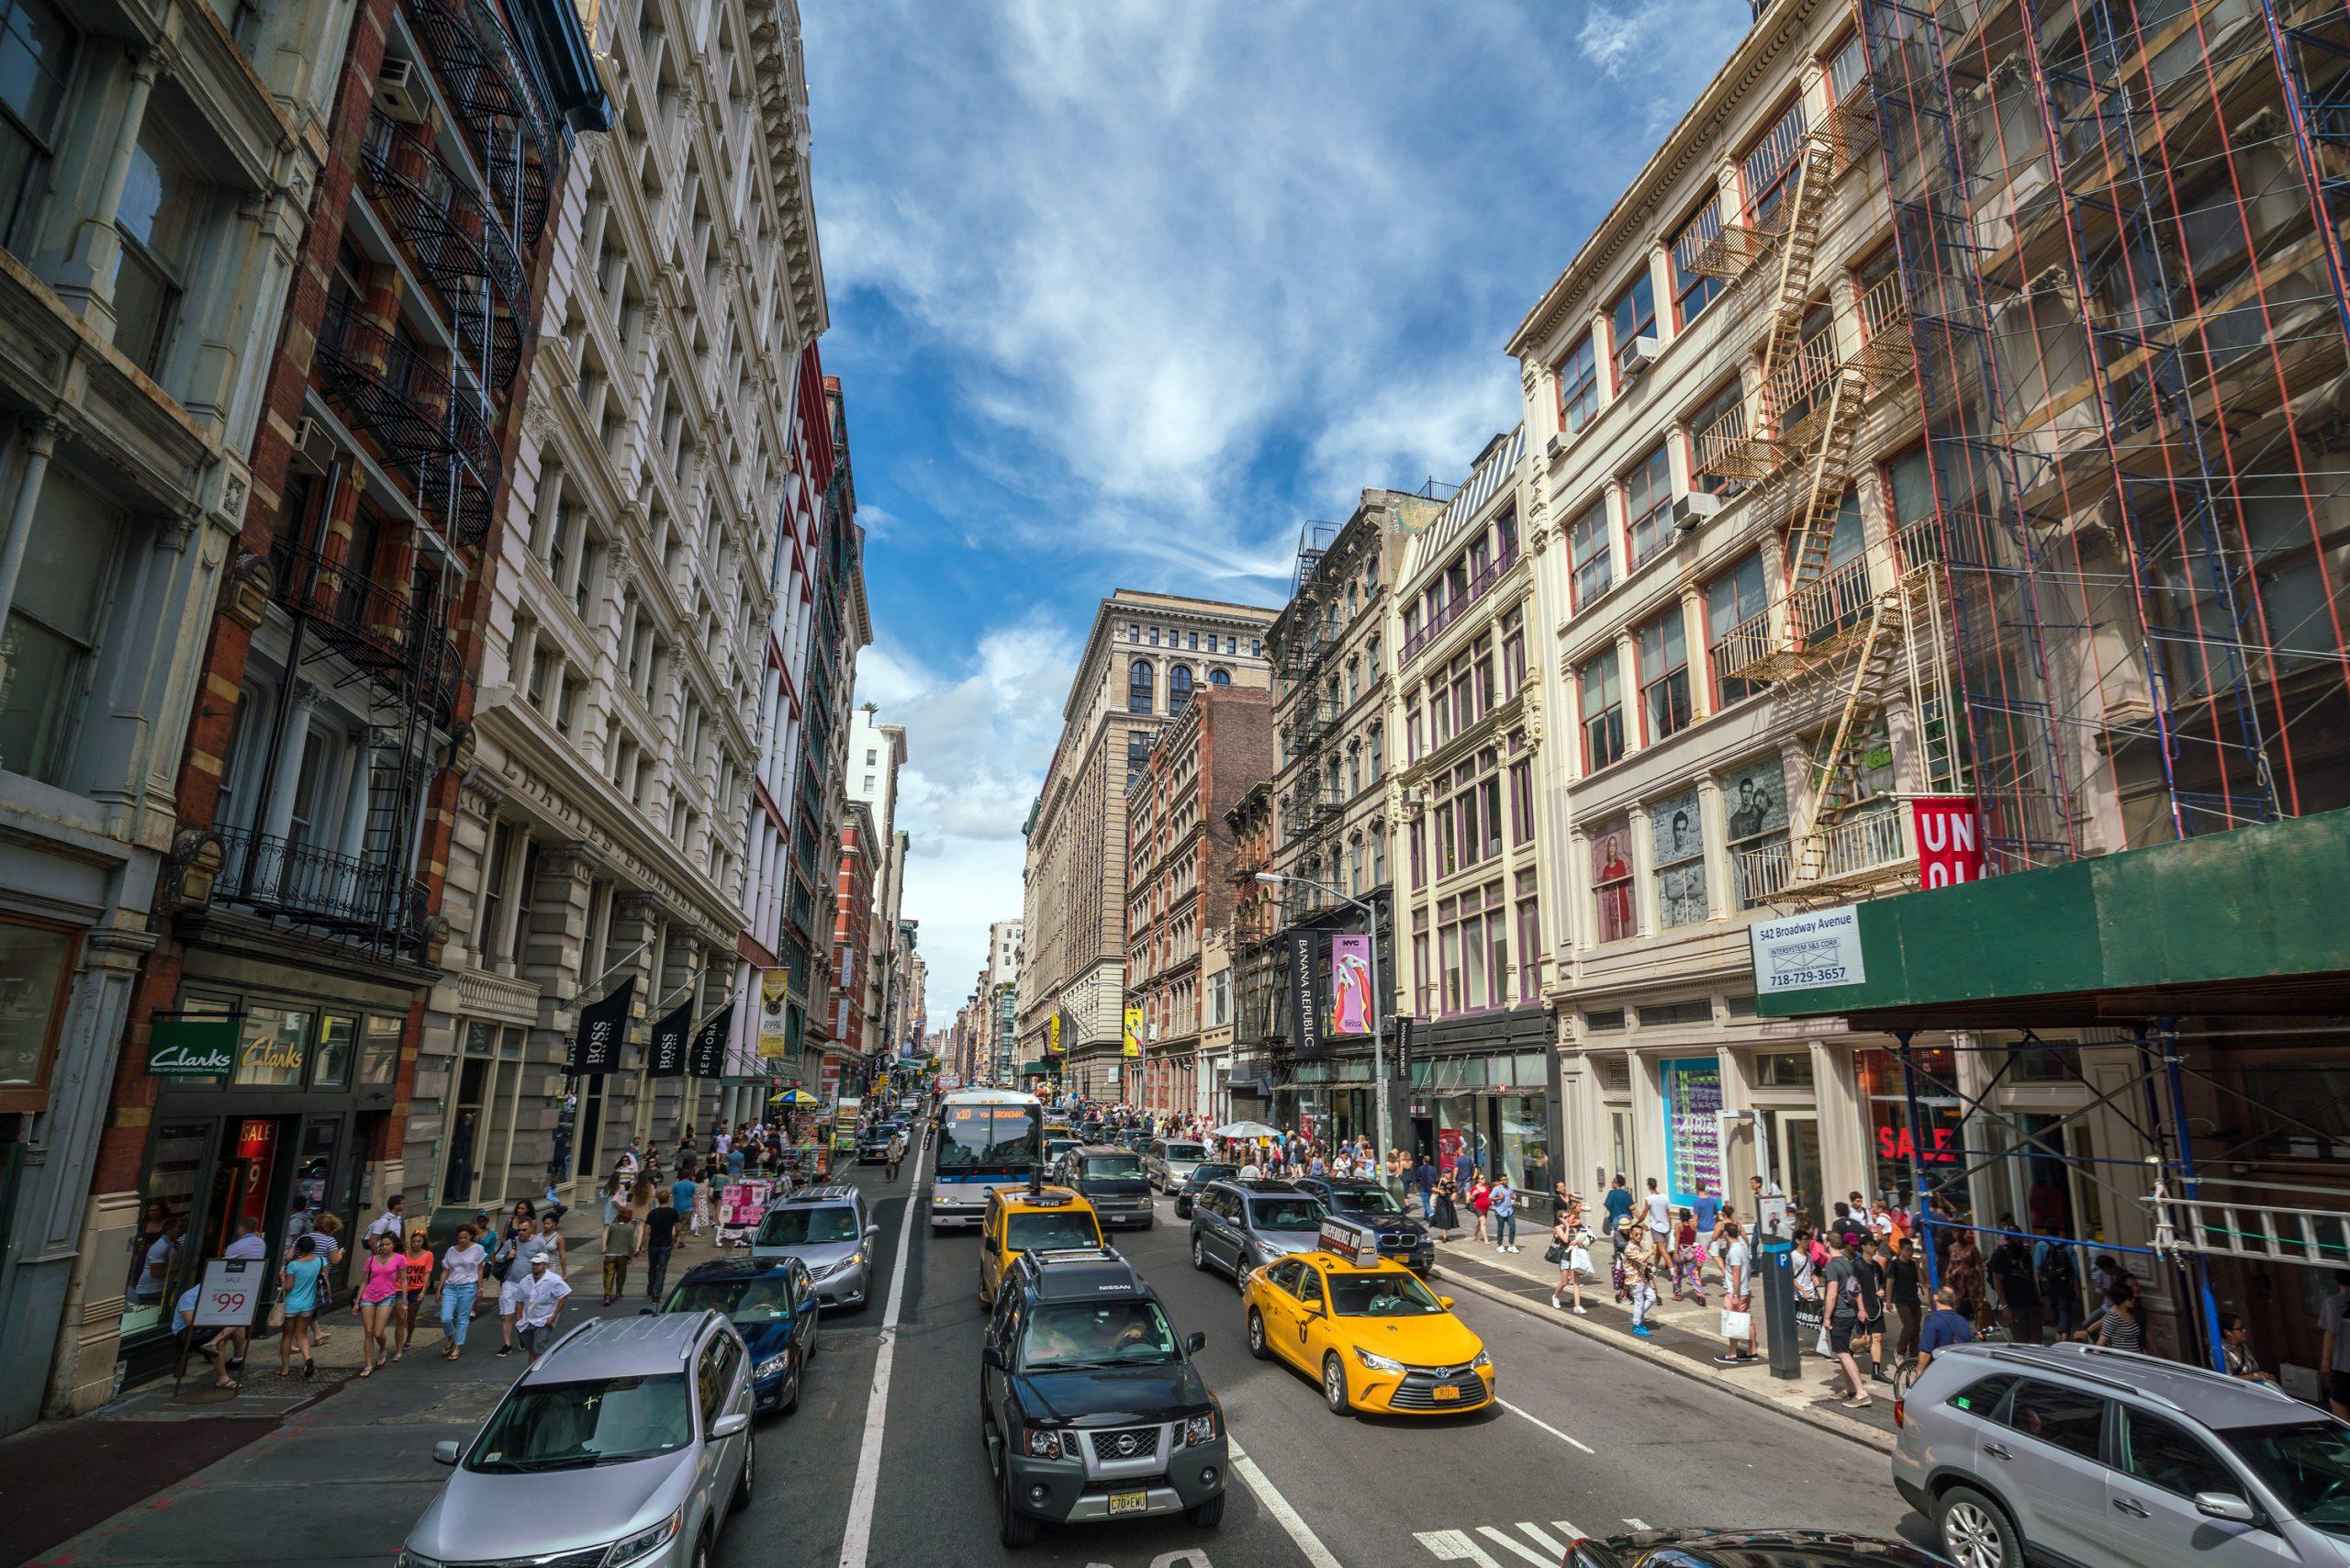 أفضل طرق التنزه على الاقدام في نيويورك